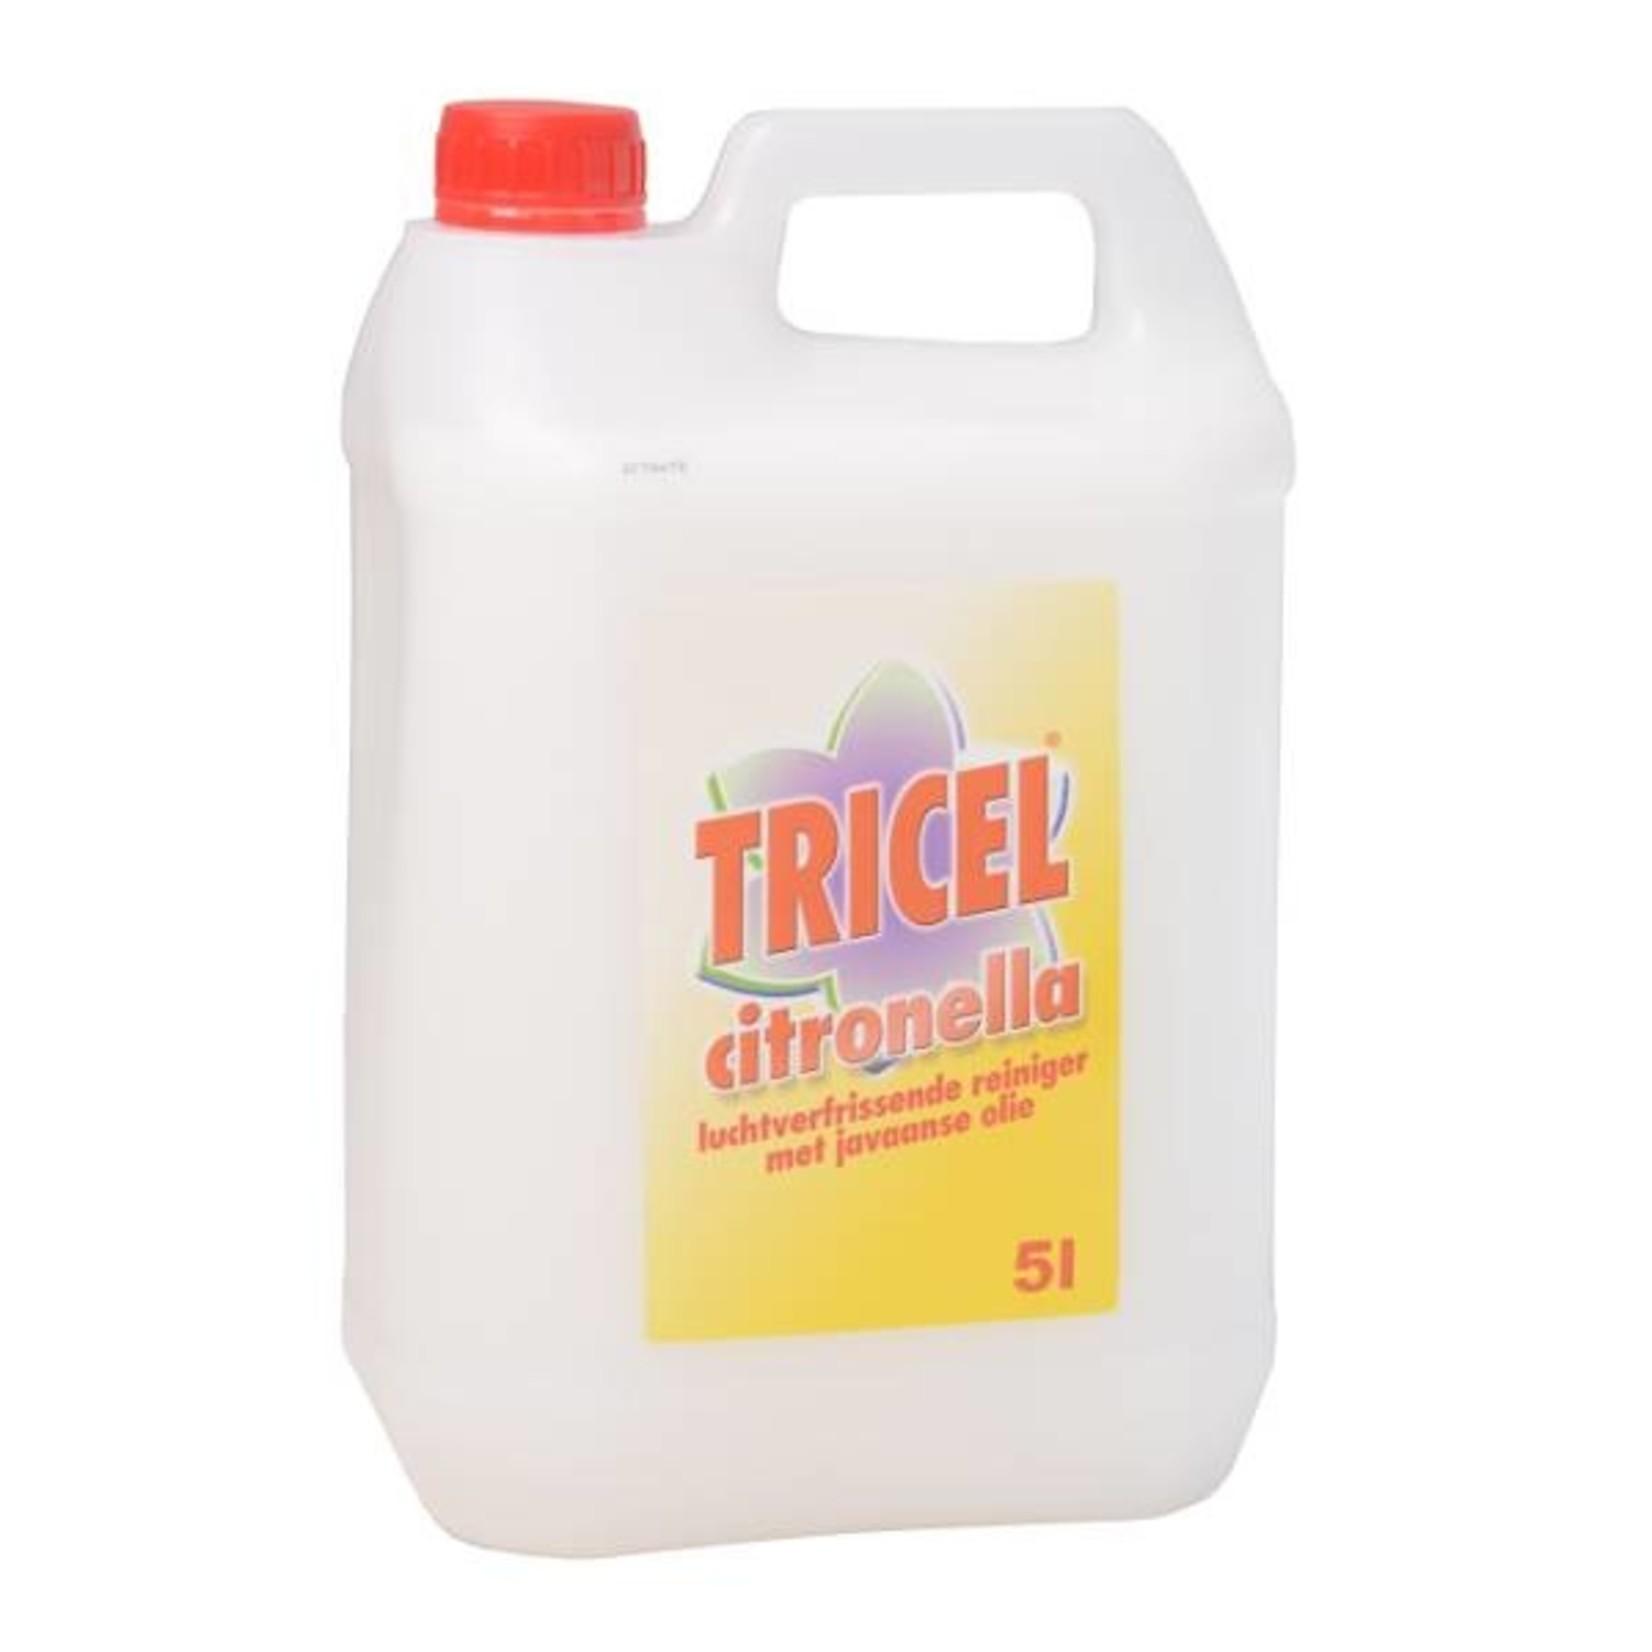 Tricel Citronella-reiniger 5 liter